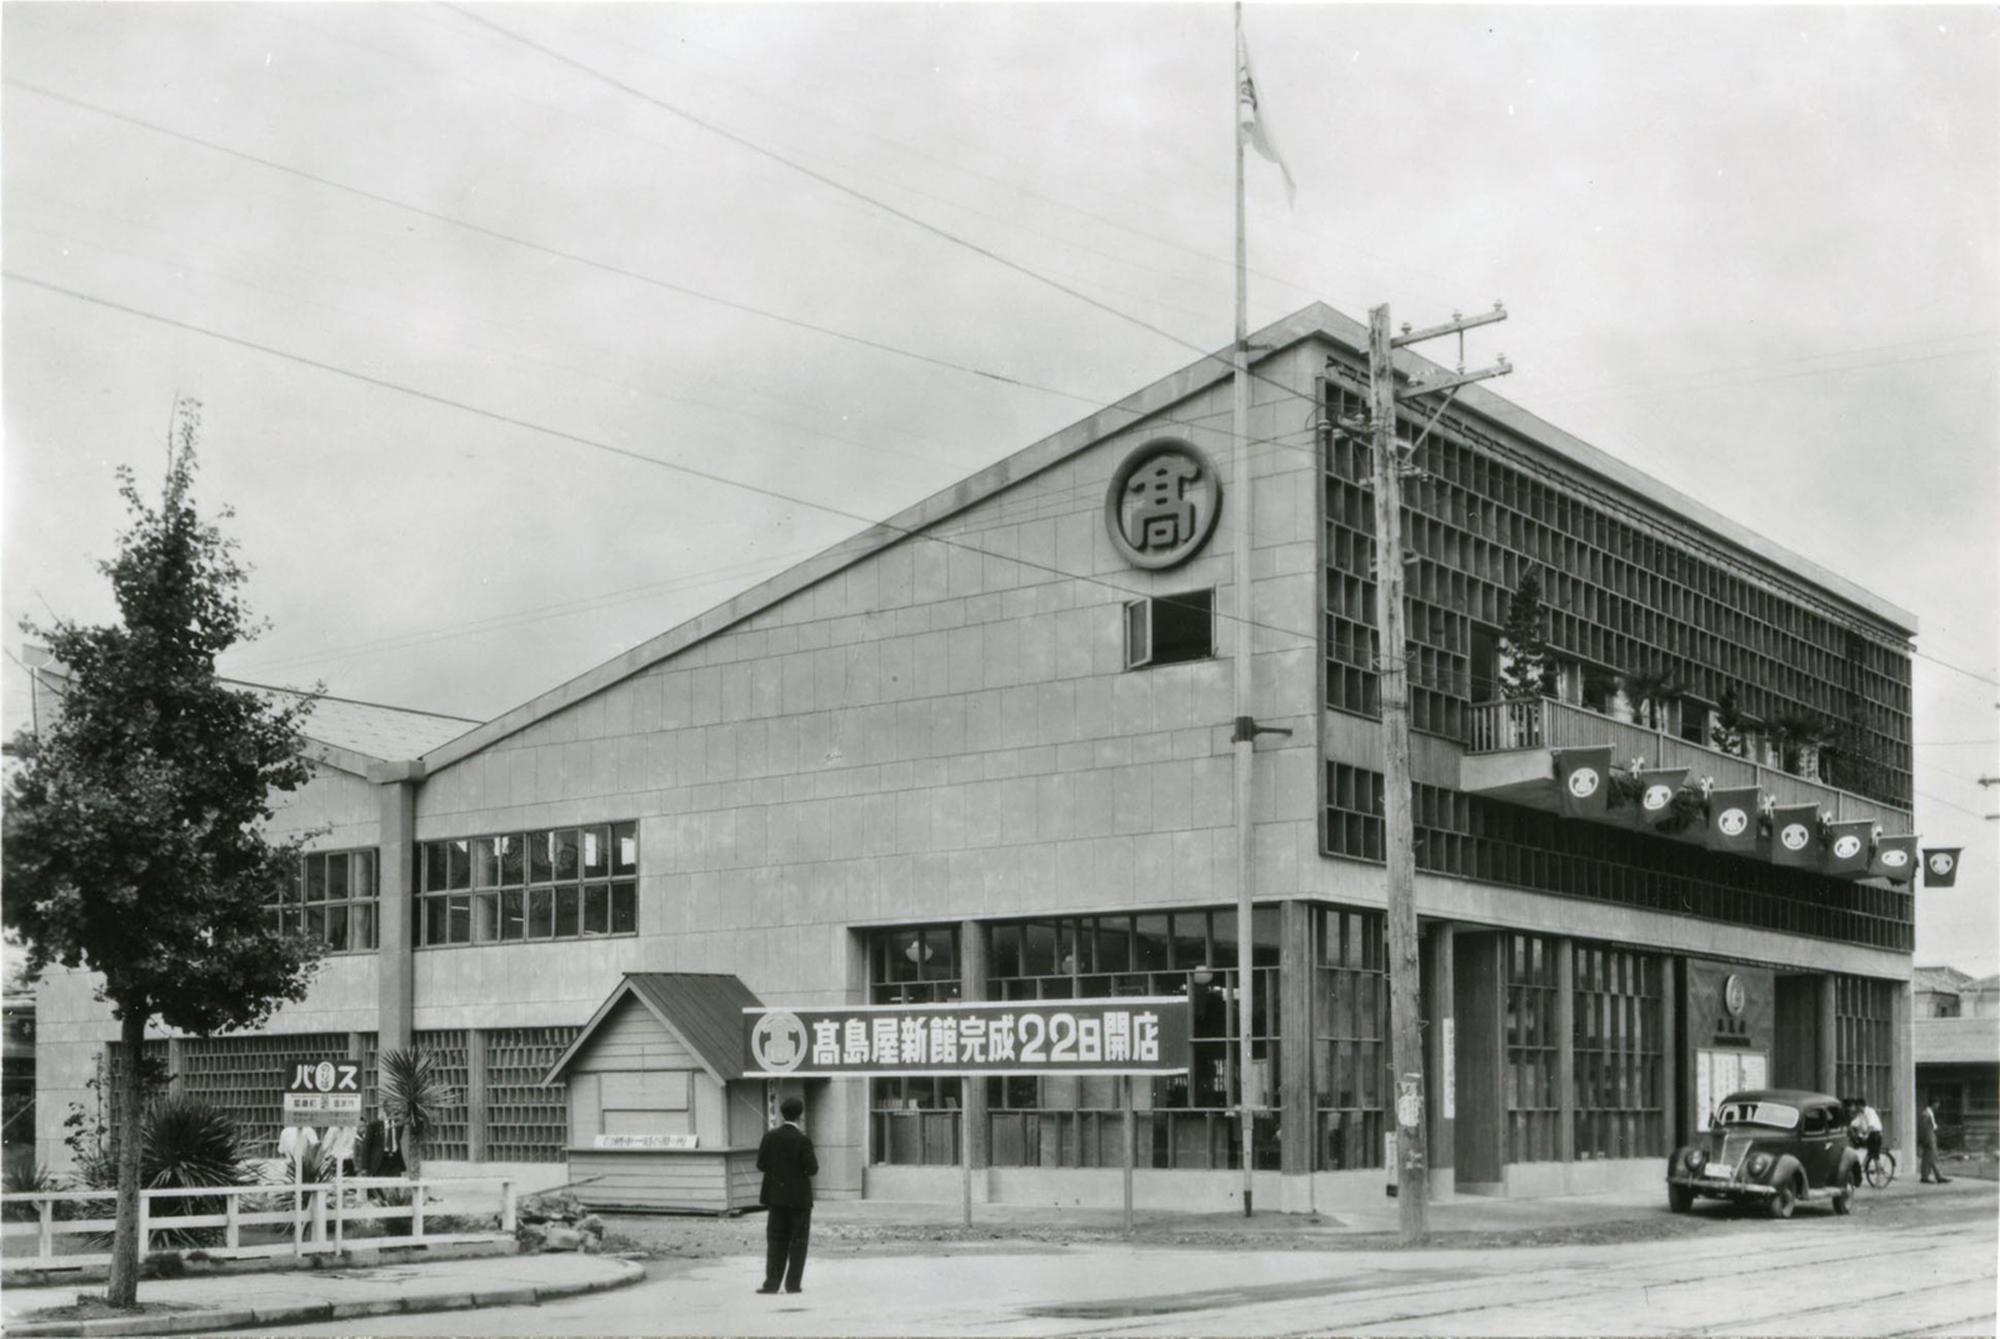 建築家・坂倉準三と髙島屋の戦後復興 −「輝く都市」をめざして